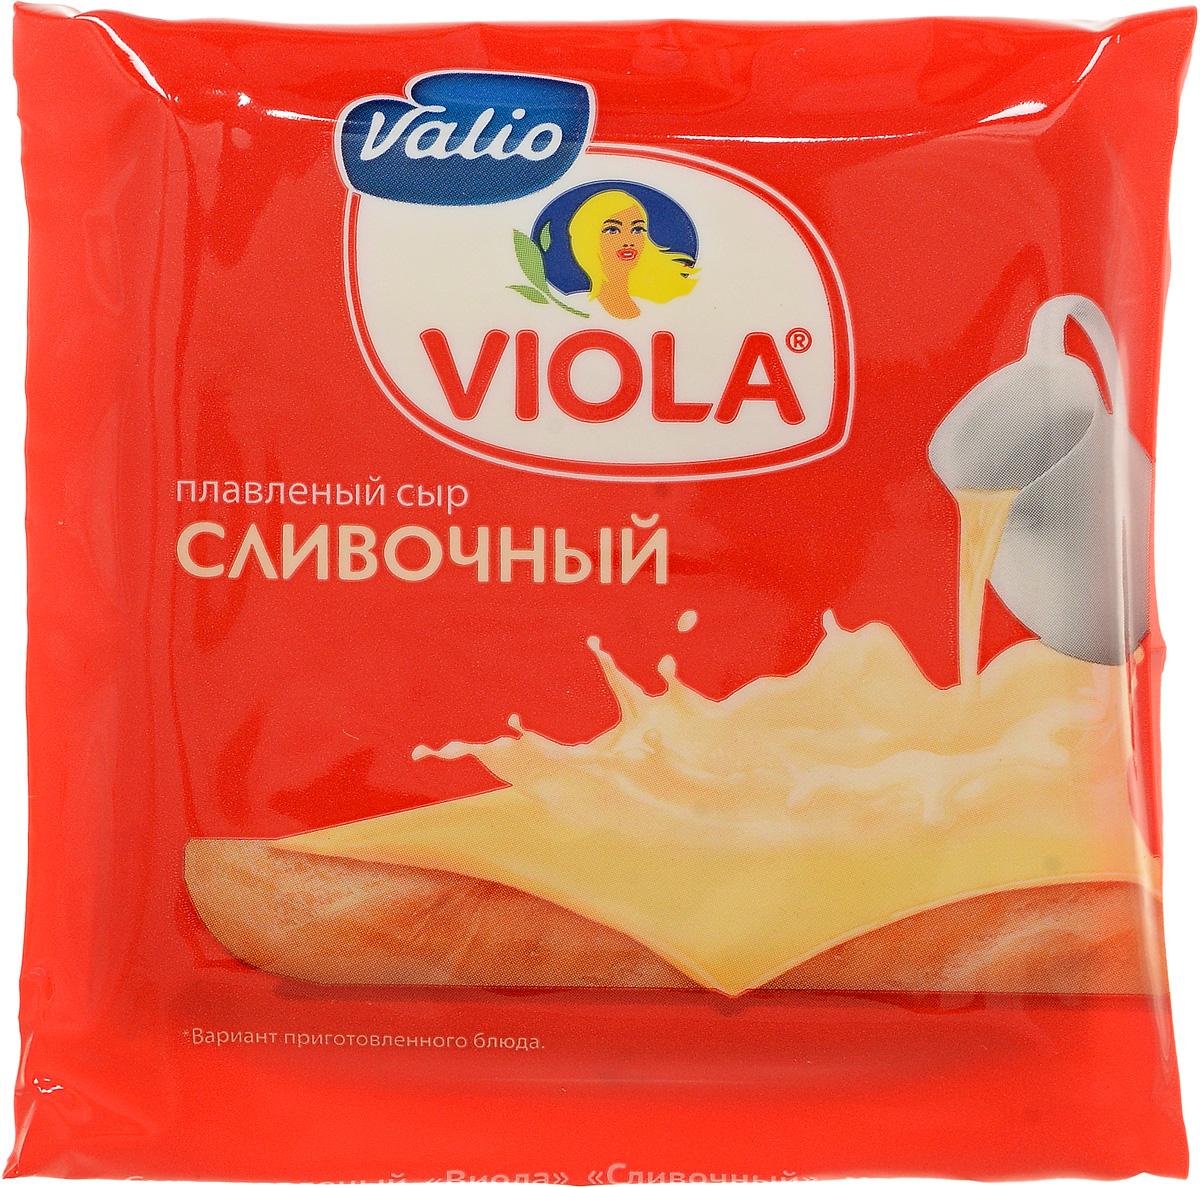 Valio Viola Сыр плавленый Сливочный, в ломтиках, 140 г valio viola сыр с лисичками плавленый 400 г